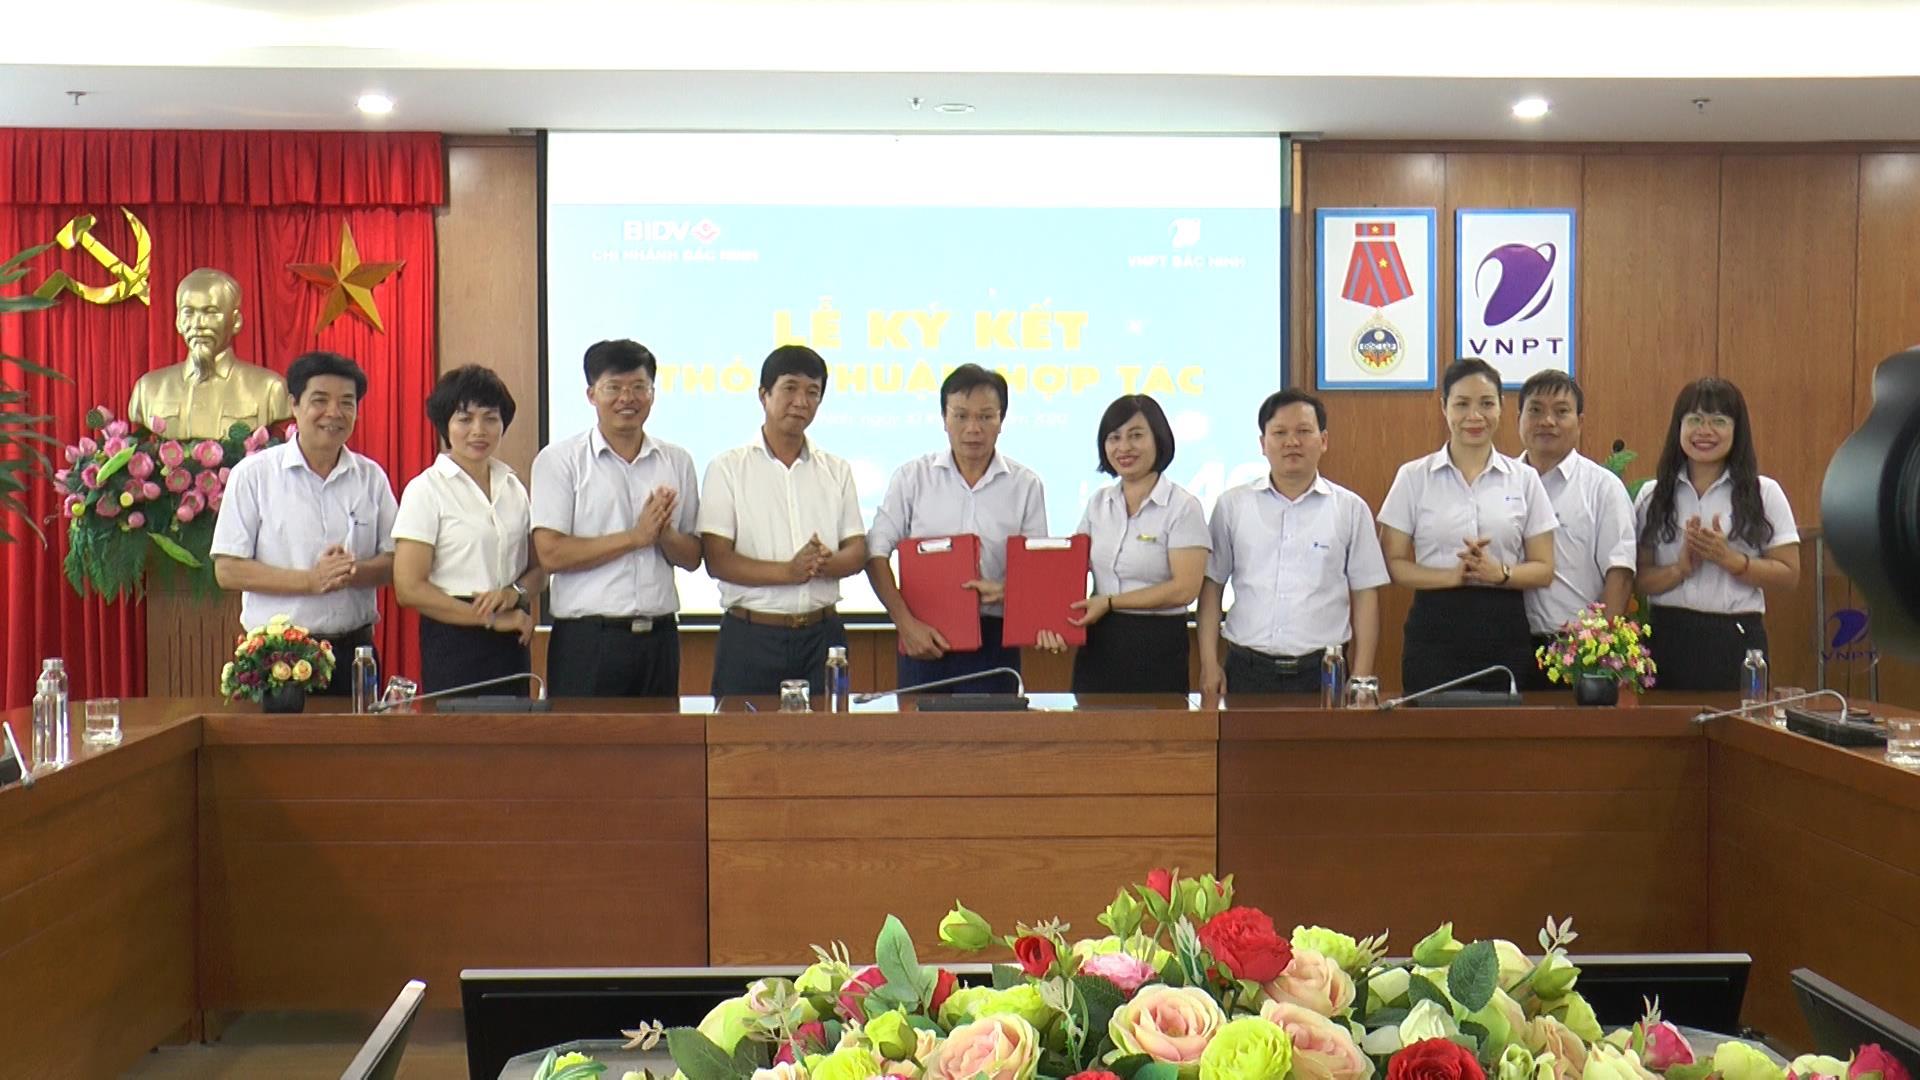 Ký kết thỏa thuận hợp tác giữa VNPT Bắc Ninh và BIDV Bắc Ninh